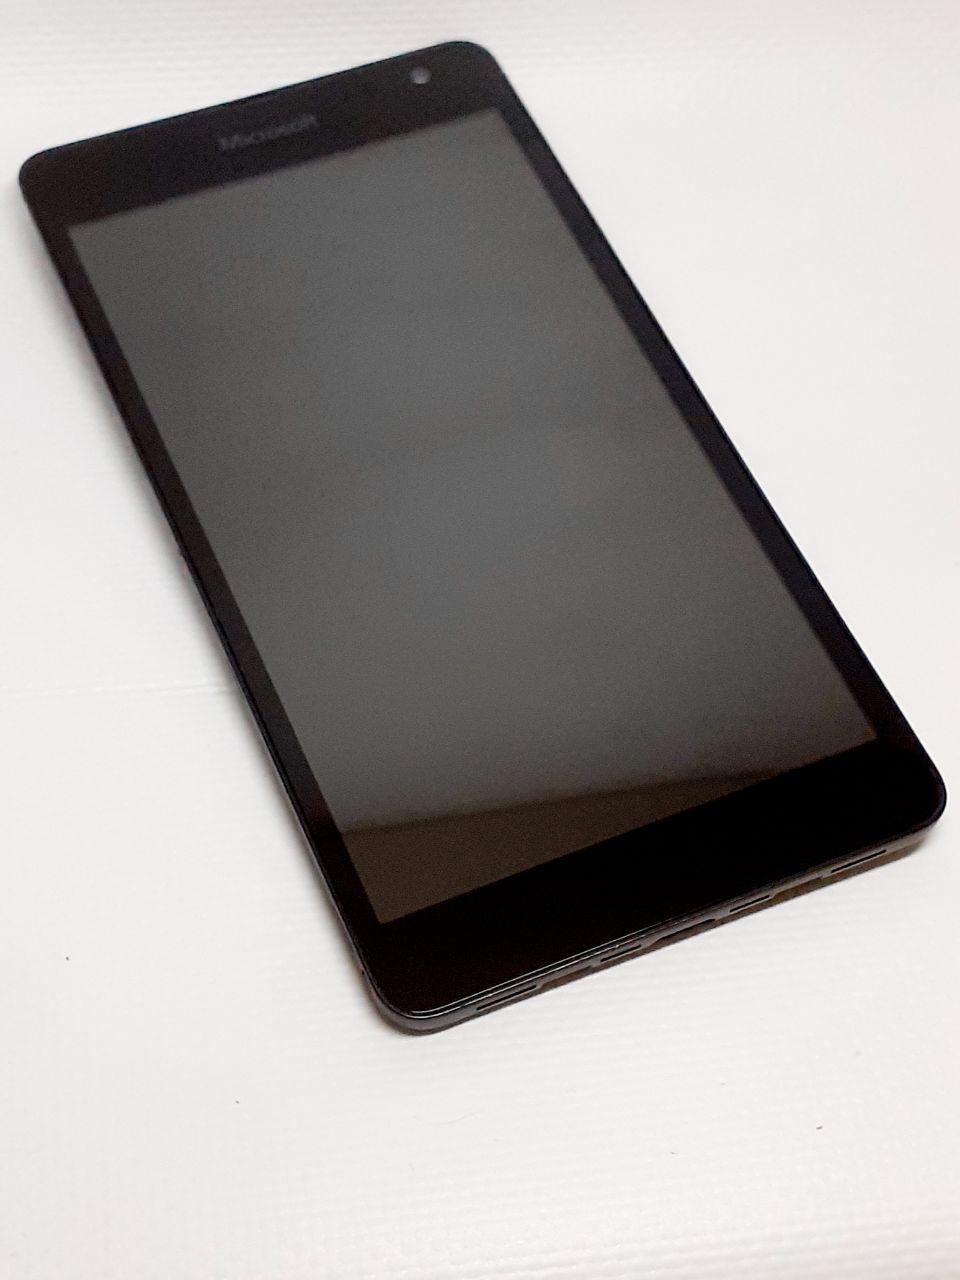 Модуль сенсор и дисплей черный Nokia / Microsoft  Lumia 535 Dual SIM RM-1090  ориинал б.у.